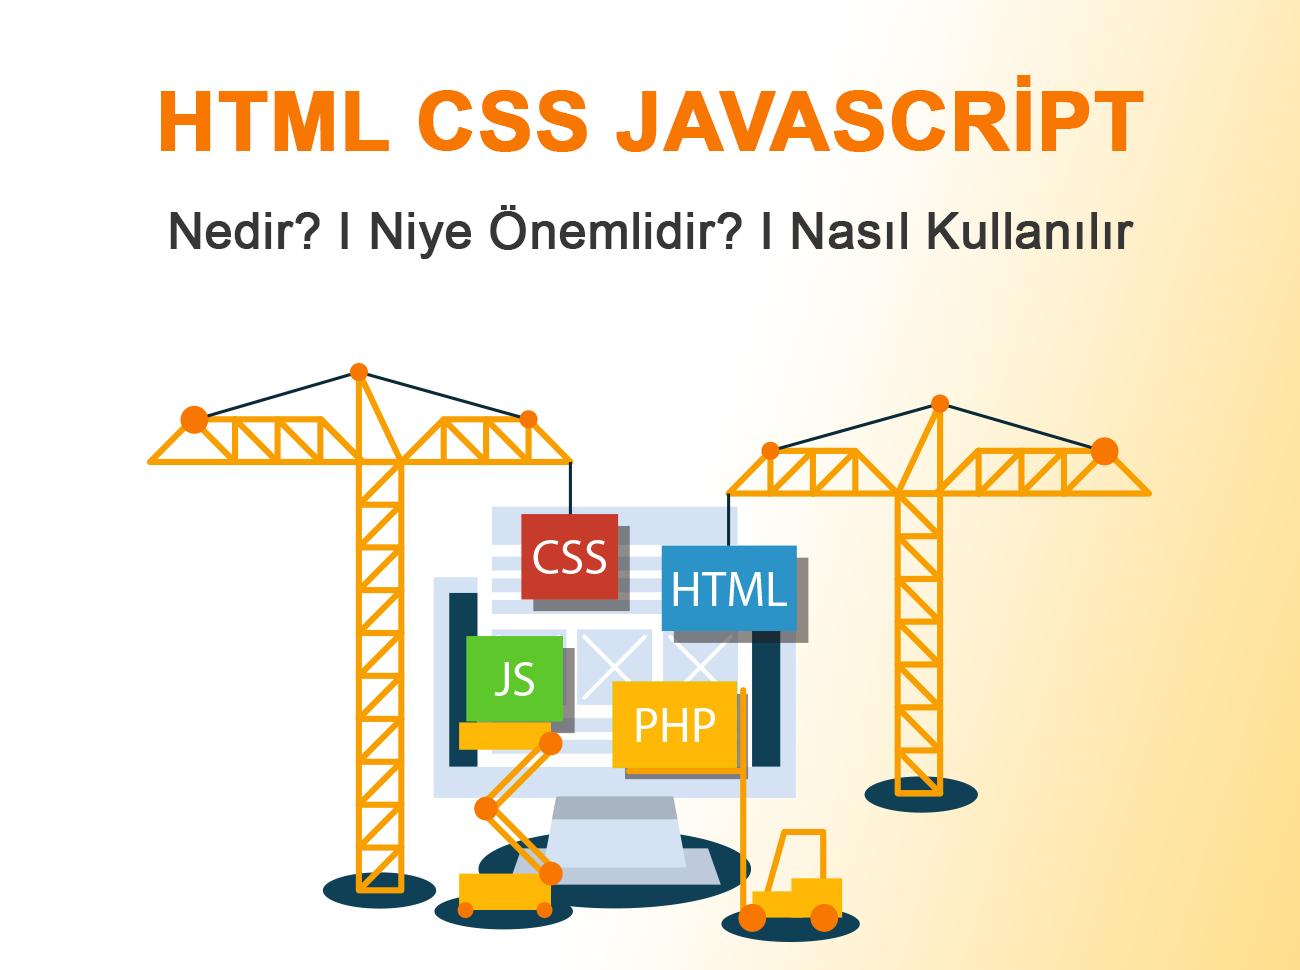 HTML, CSS, Javascript Nedir? Niye Önemlidir? Nasıl Kullanılır?